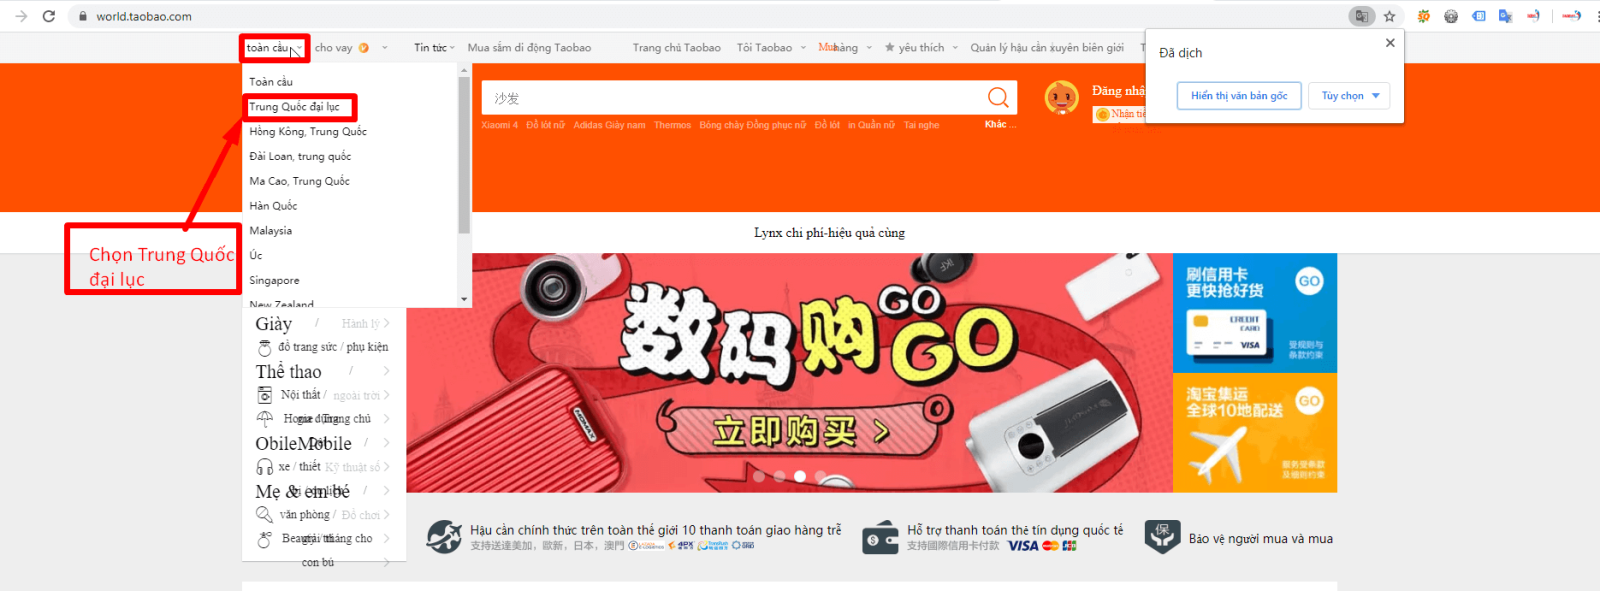 cách tìm hàng bằng hình ảnh trên taobao